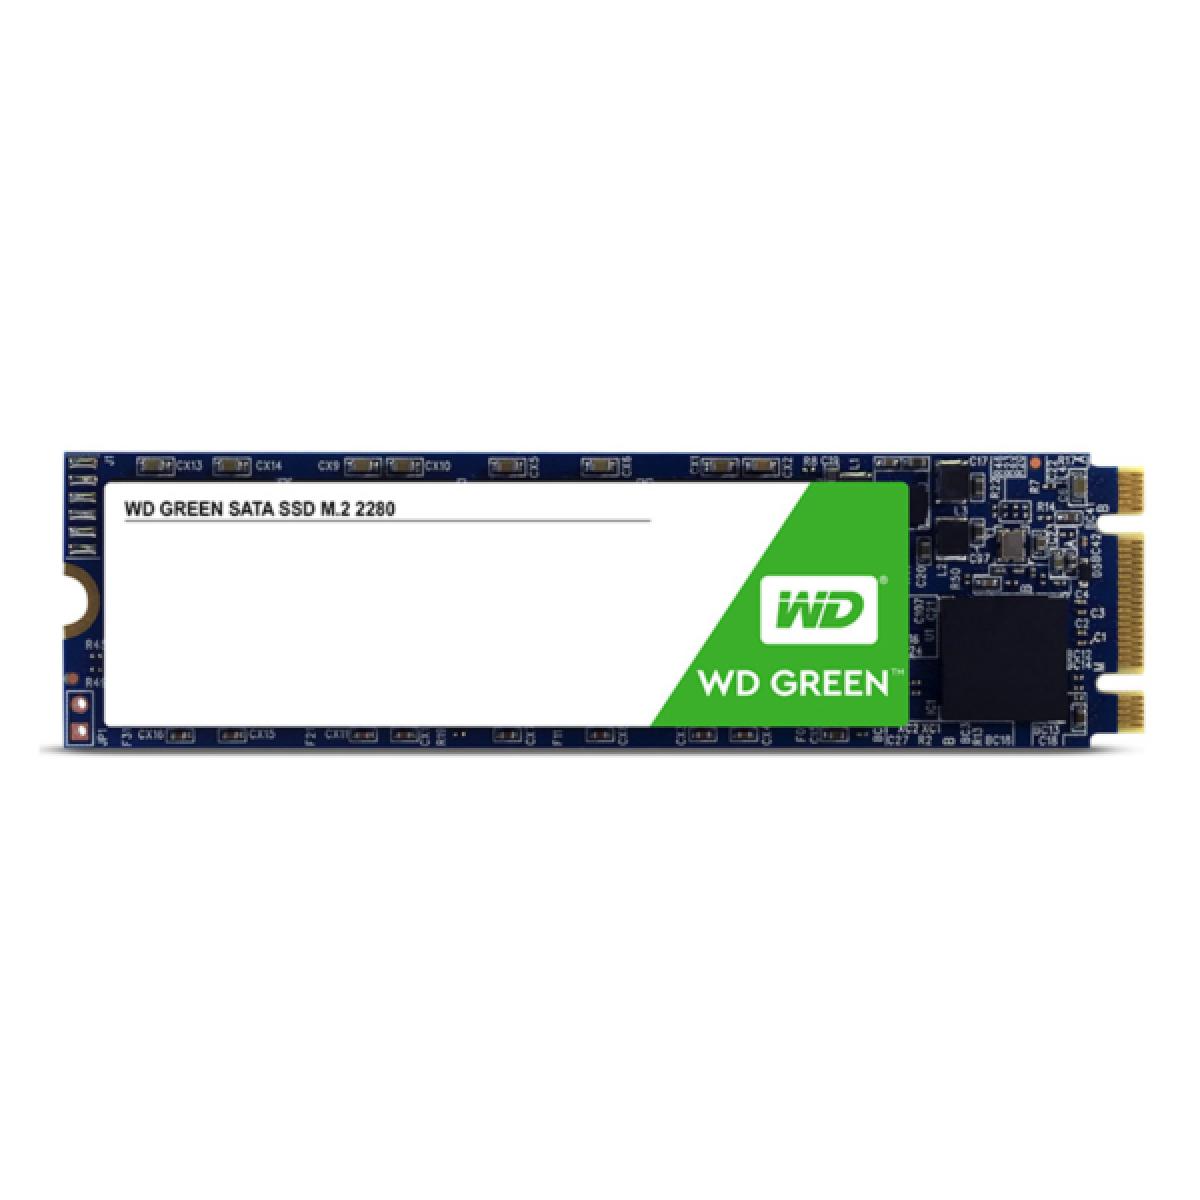 WD 480GB SSD GREEN 3D NAND M.2 2280